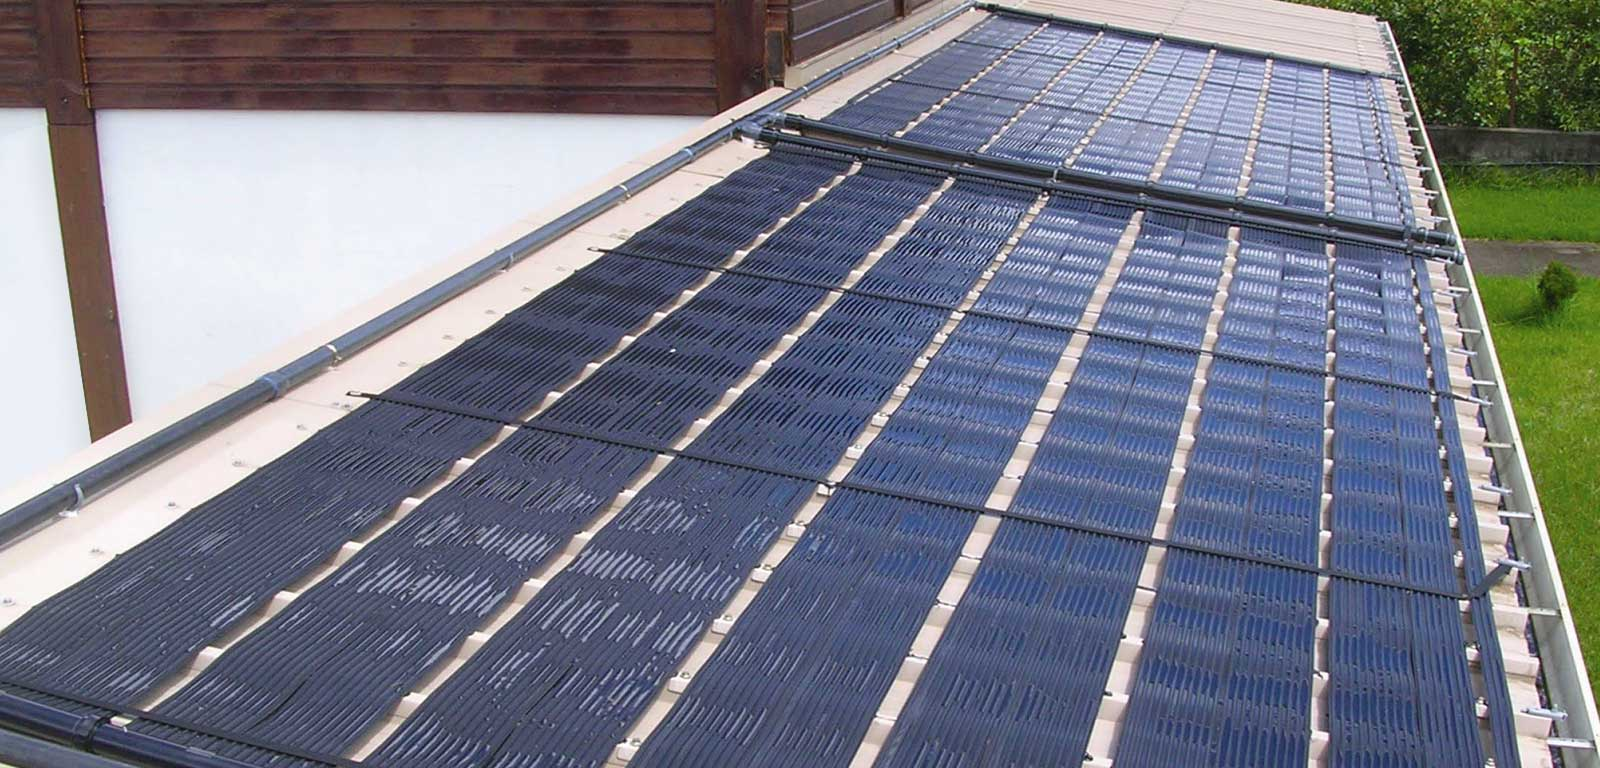 Riscaldamento per piscine piscine castiglione - Pannello solare per piscina ...